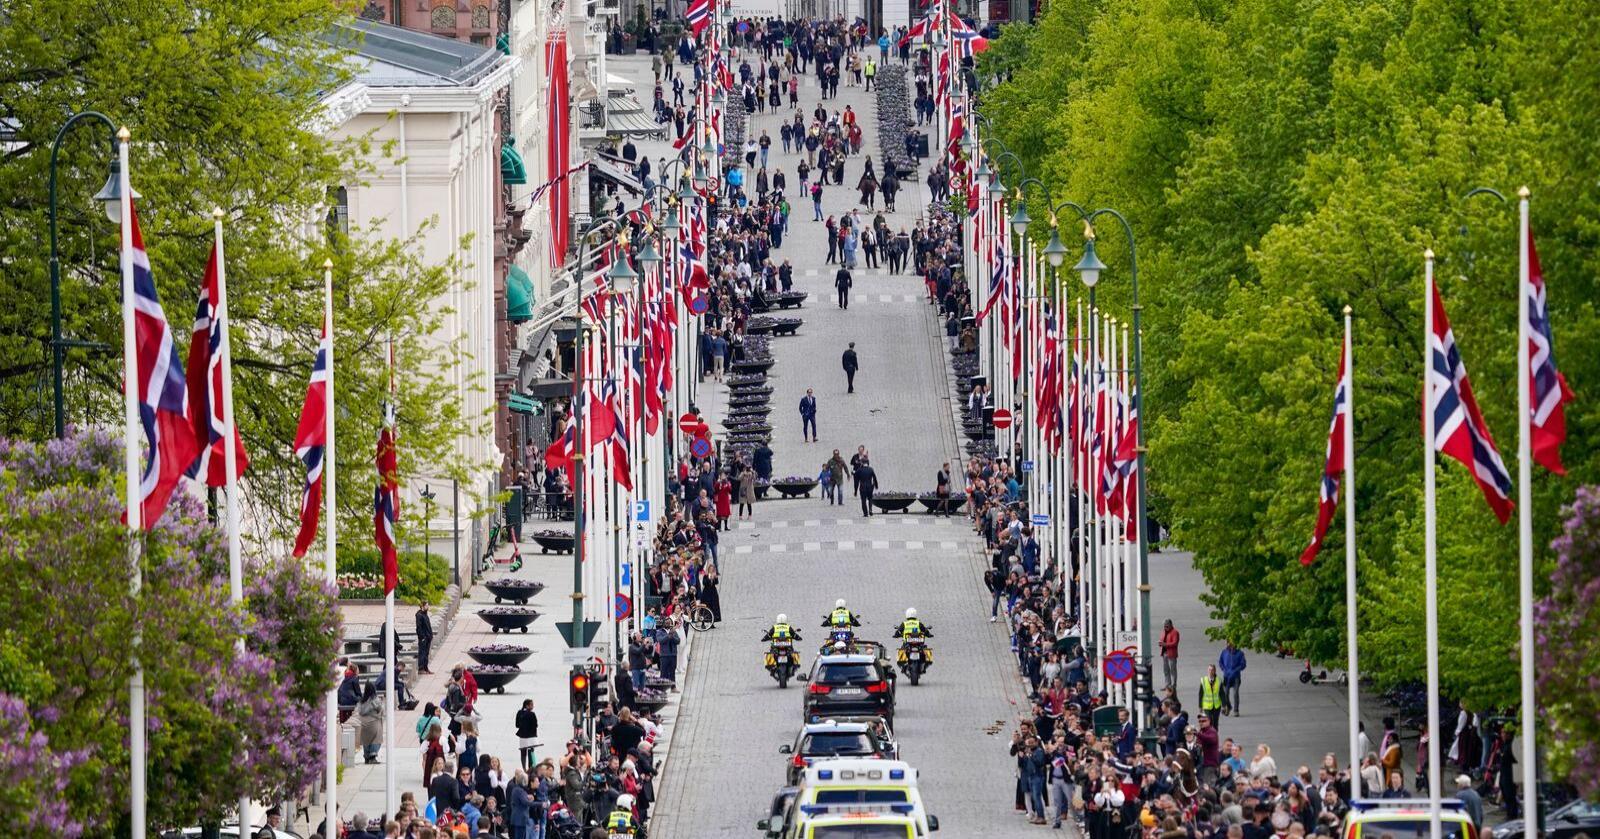 Intet tog: 17. maifeiringen i fjor var preget av unntakstilstand. Foto: Lise Åserud / NTB